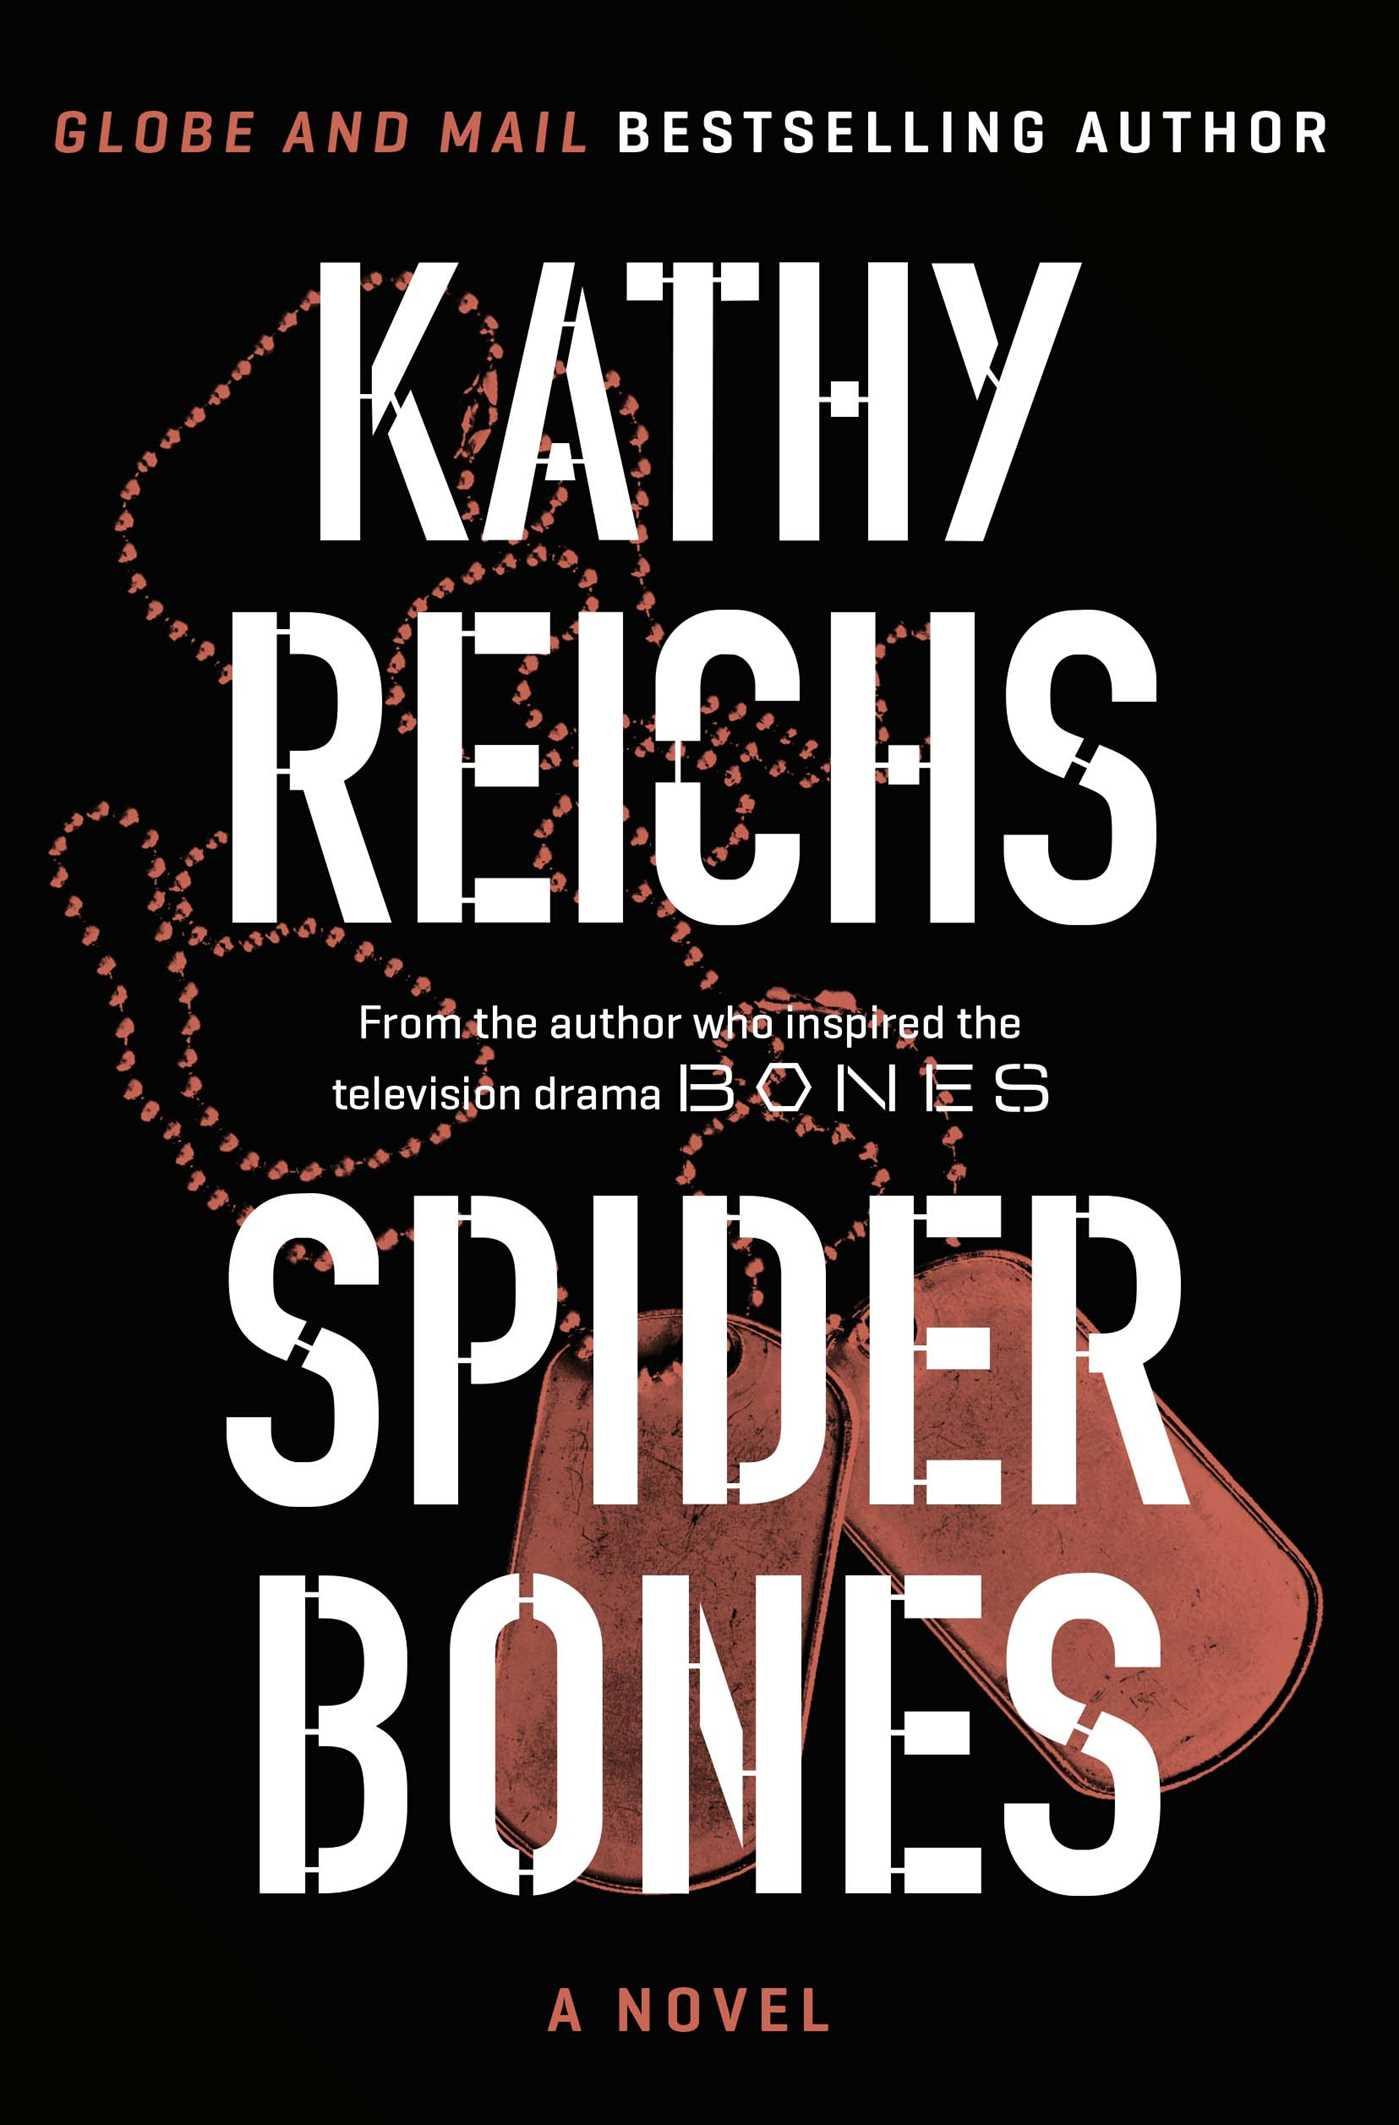 Spider bones 9781501102769 hr